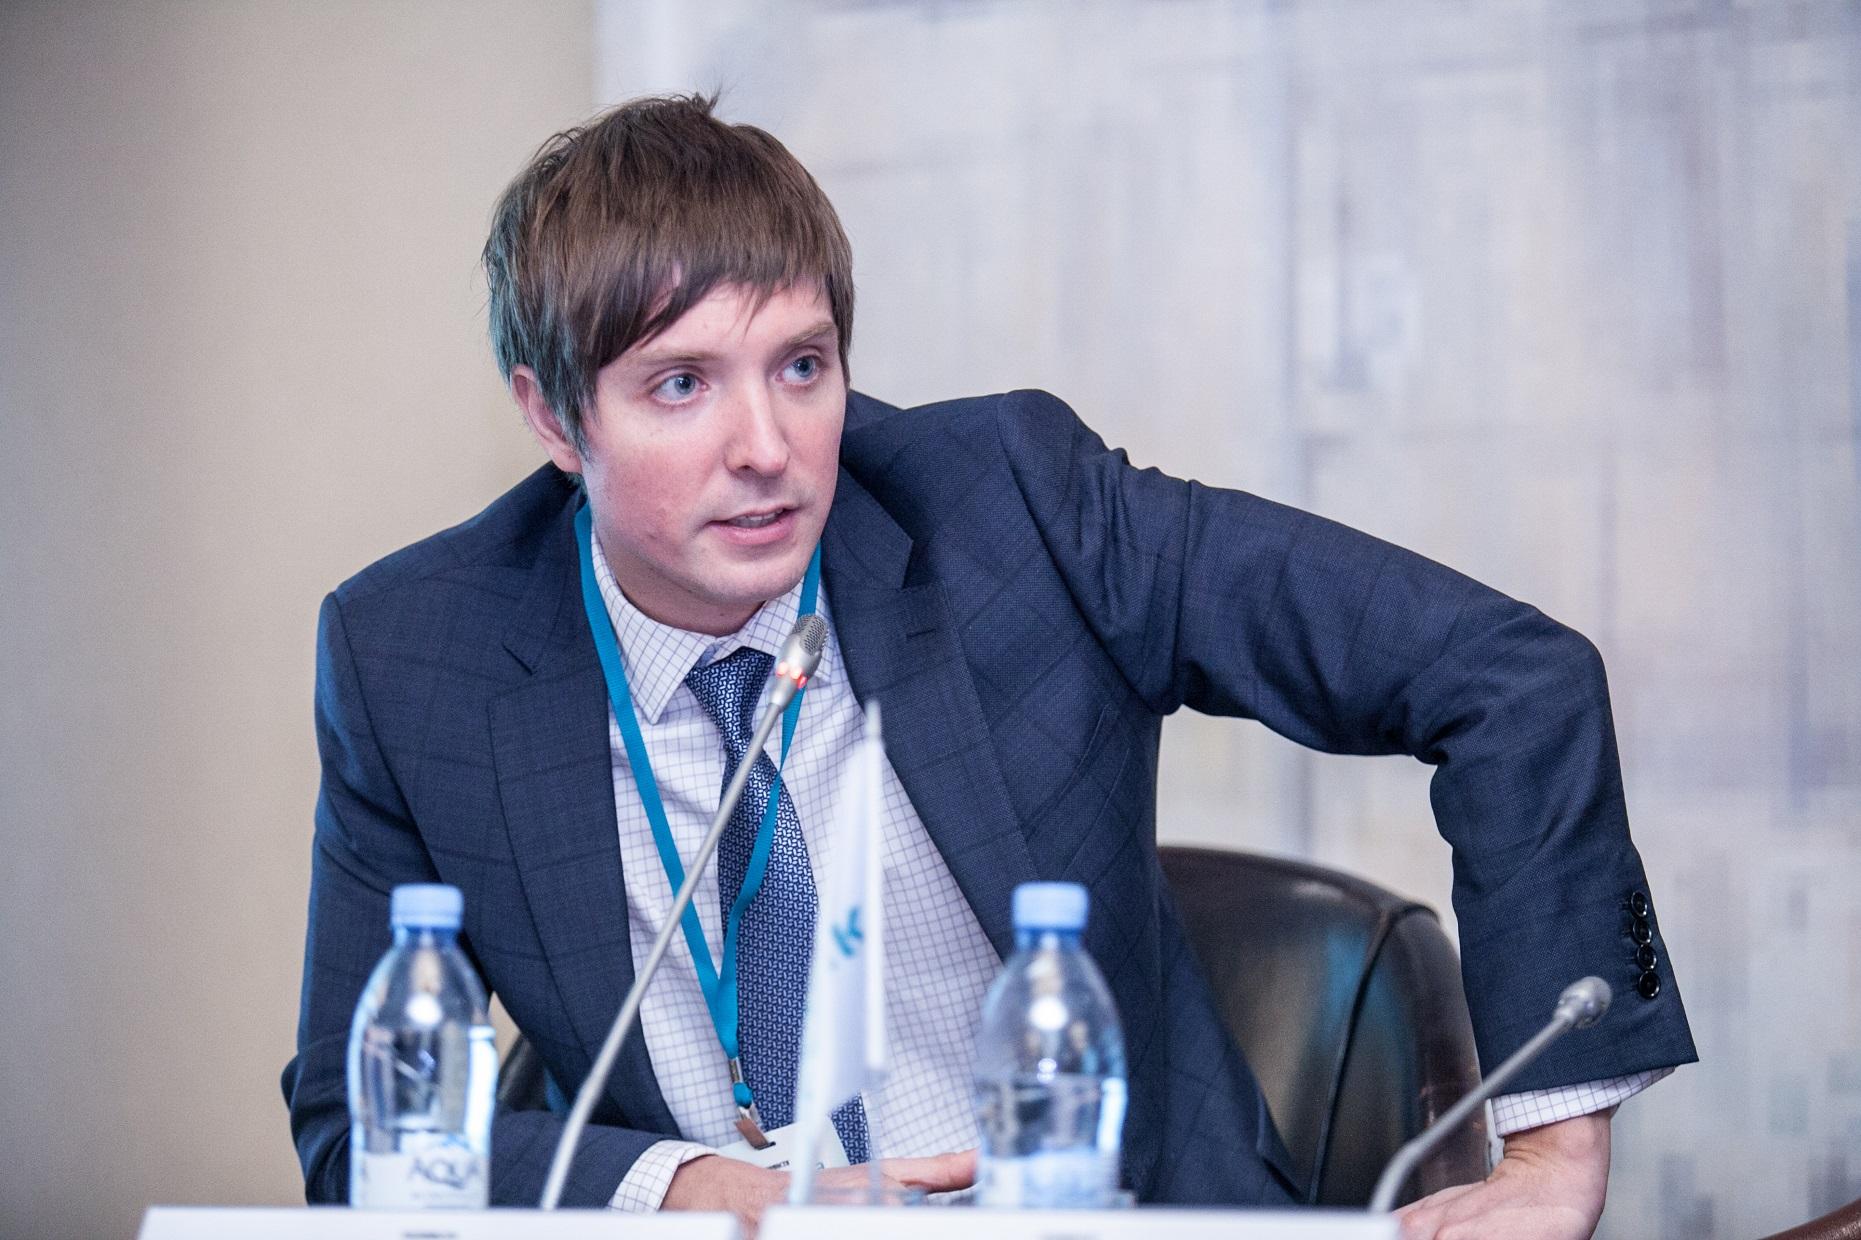 Олег Колотилов (kkplaw.ru) - доклад по теме спора ''Татнефти'' и Украины - ''Лучшие судебные практики 2017'' (2)